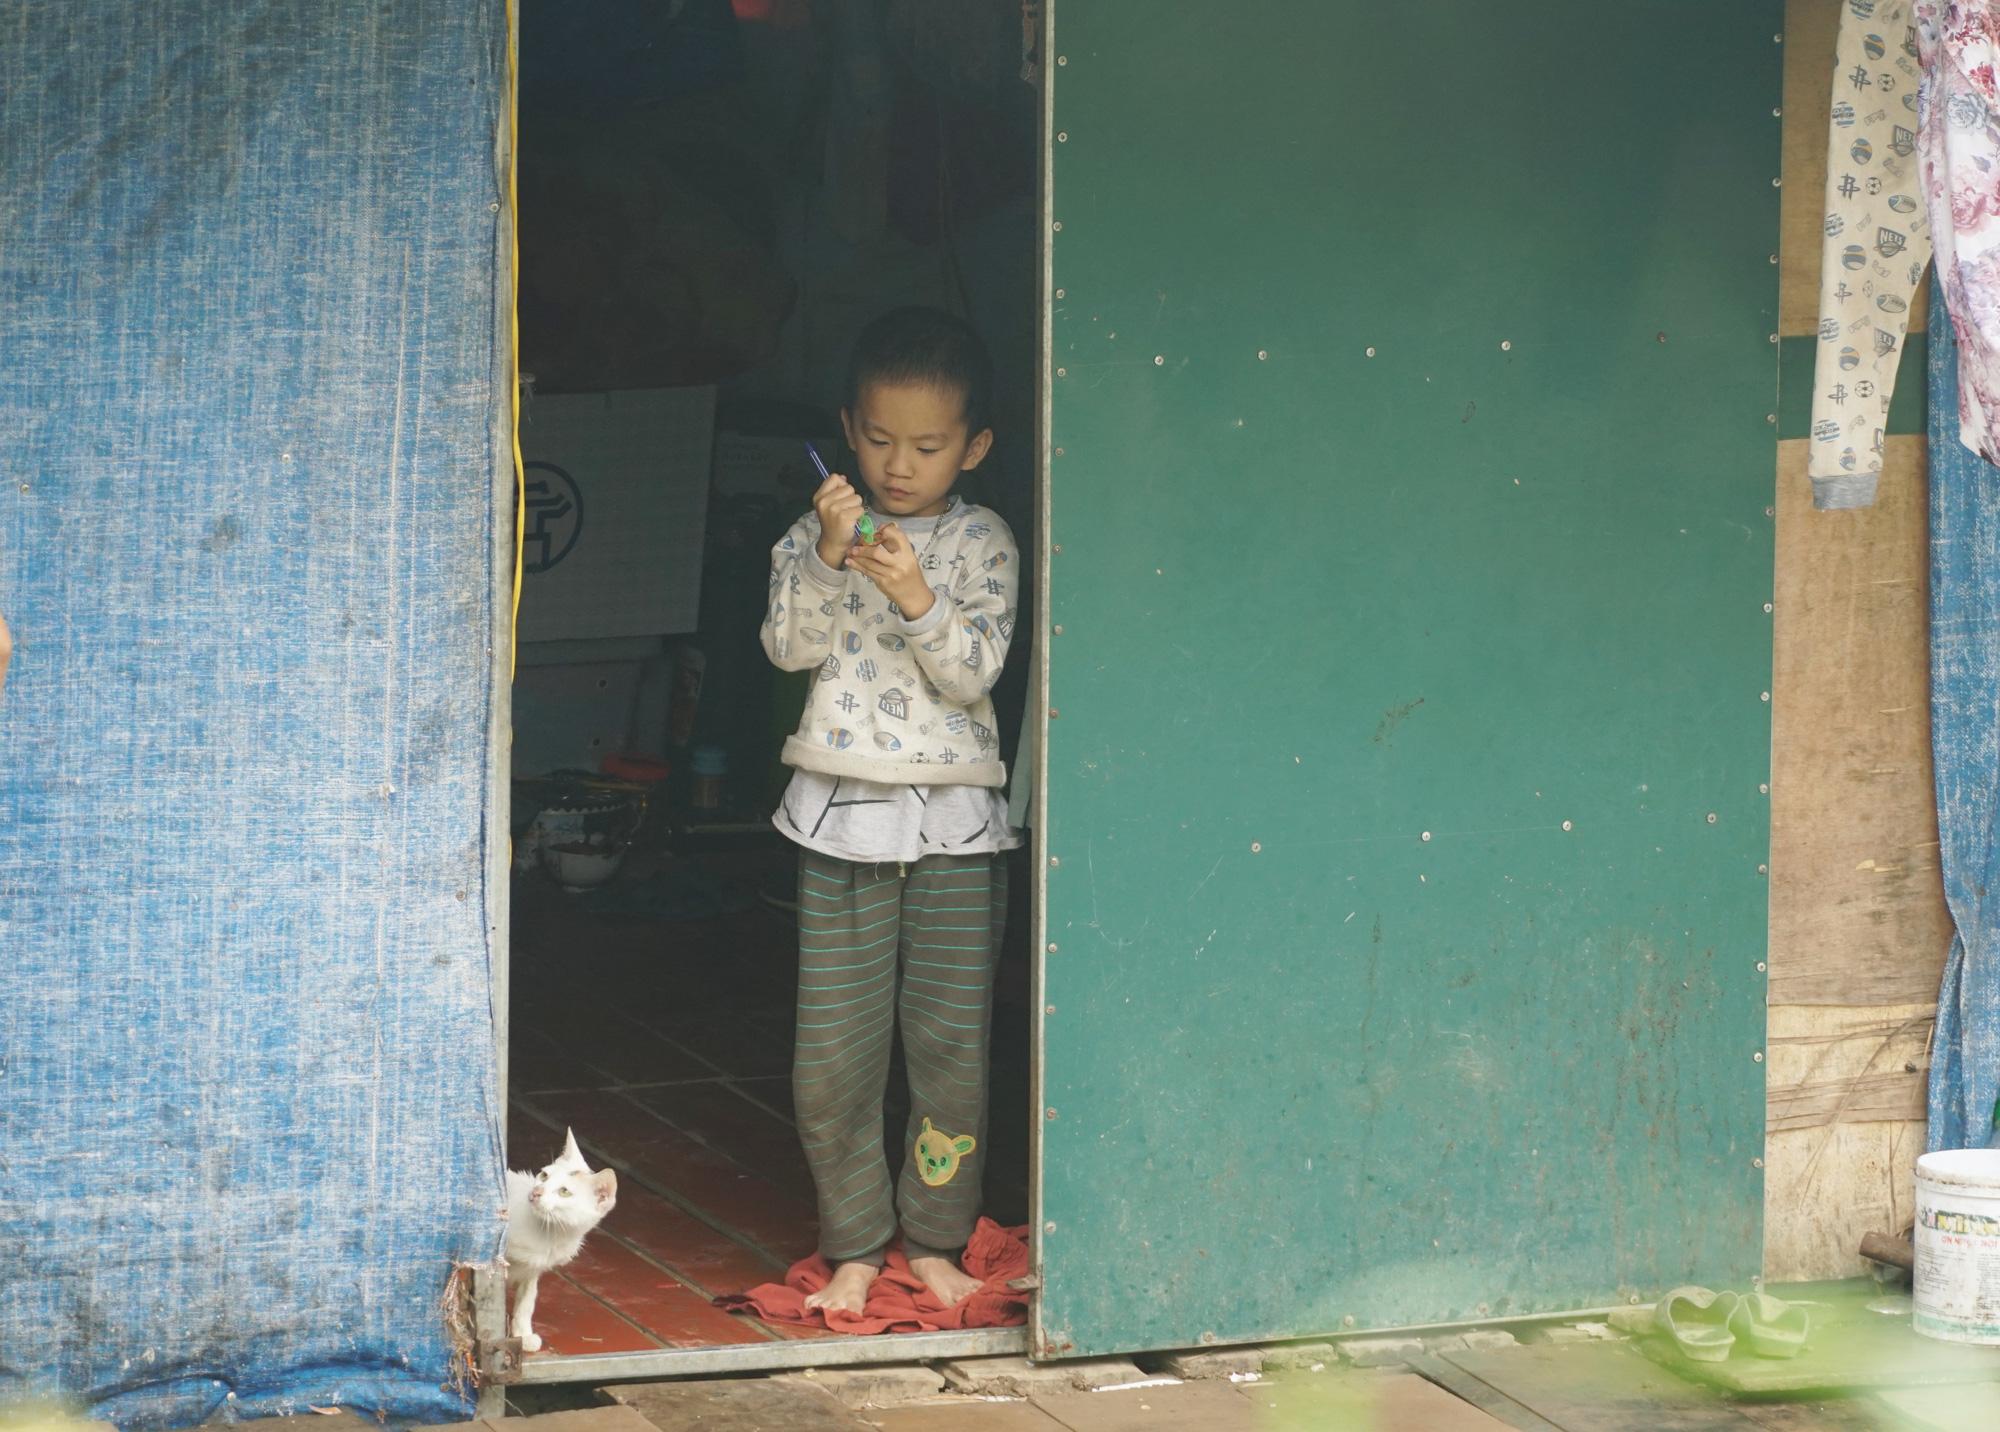 Cuộc sống cùng cực của người dân xóm chài Hà Nội và nỗi lo quy hoạch - Ảnh 3.